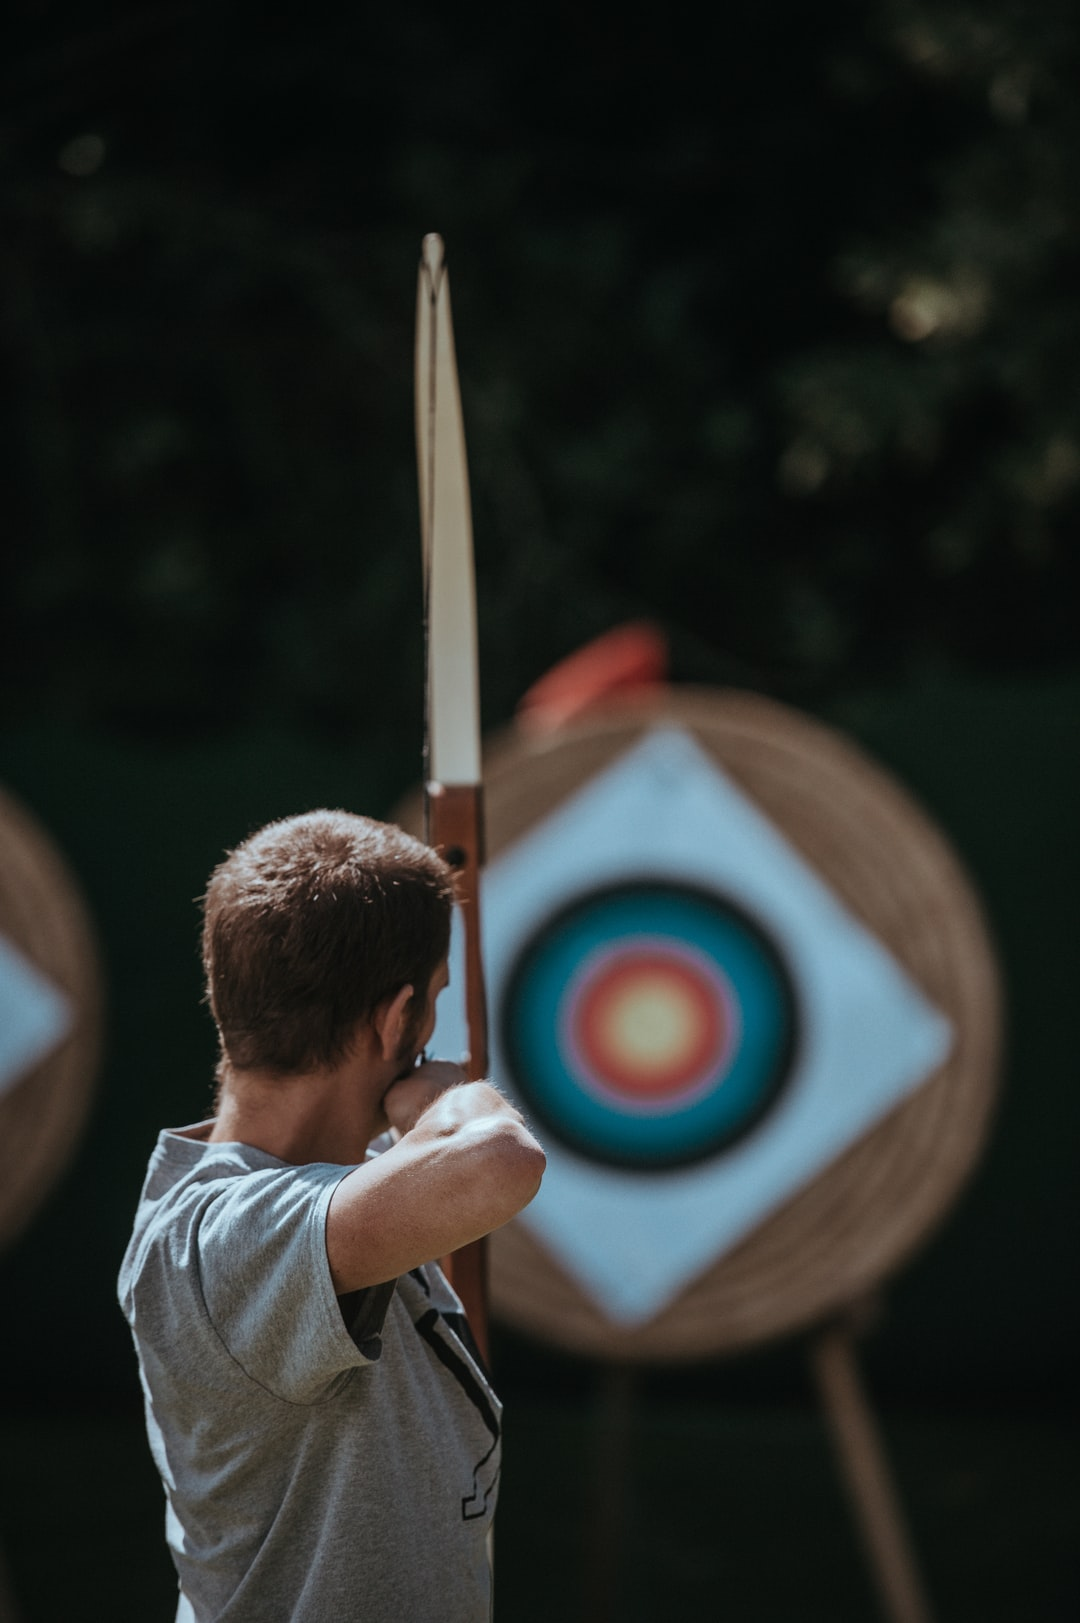 Man archery bow and arrow